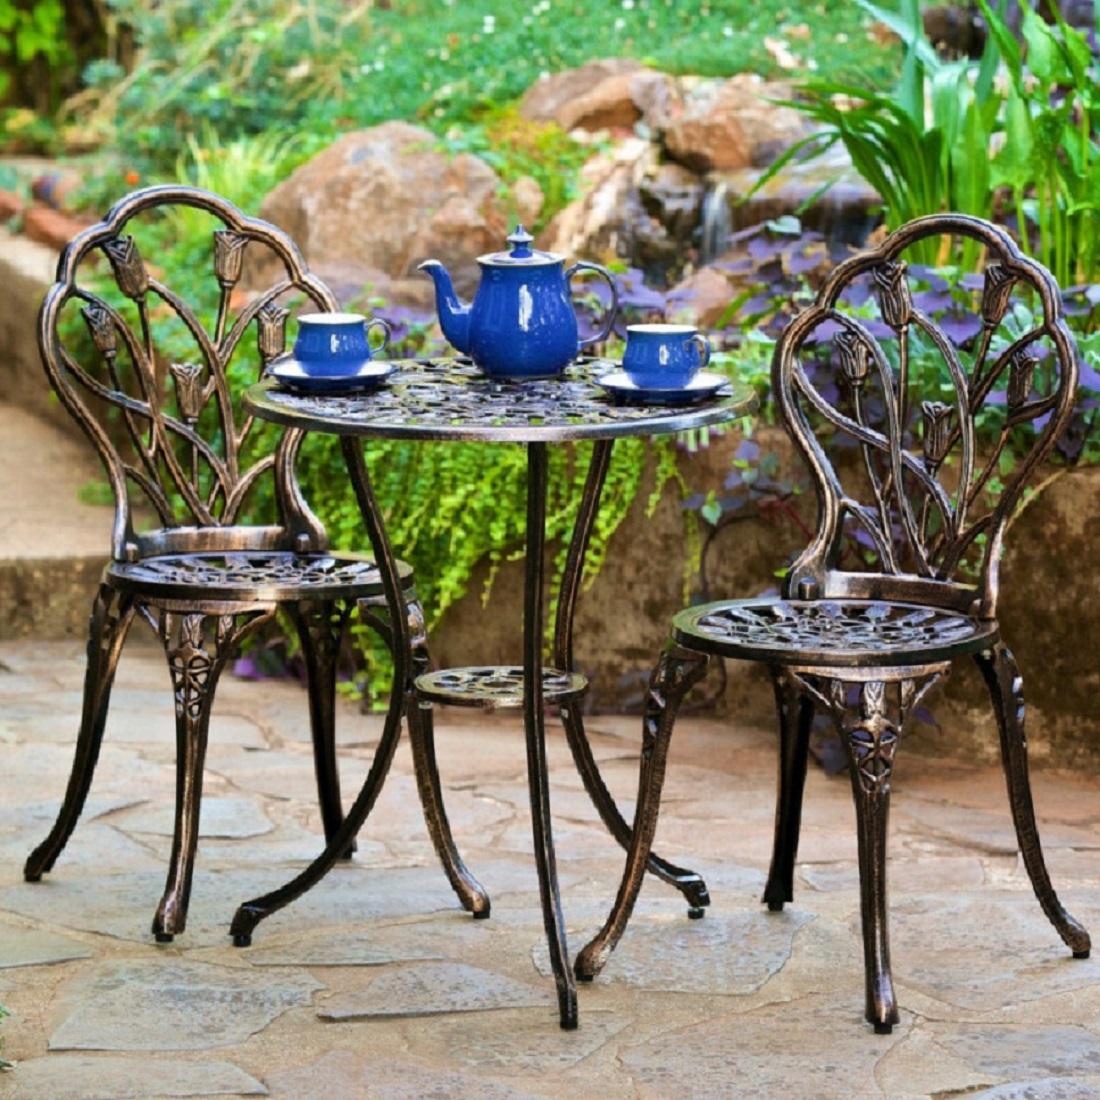 Mexican Patio Furniture For Garden And Veranda Rustica House